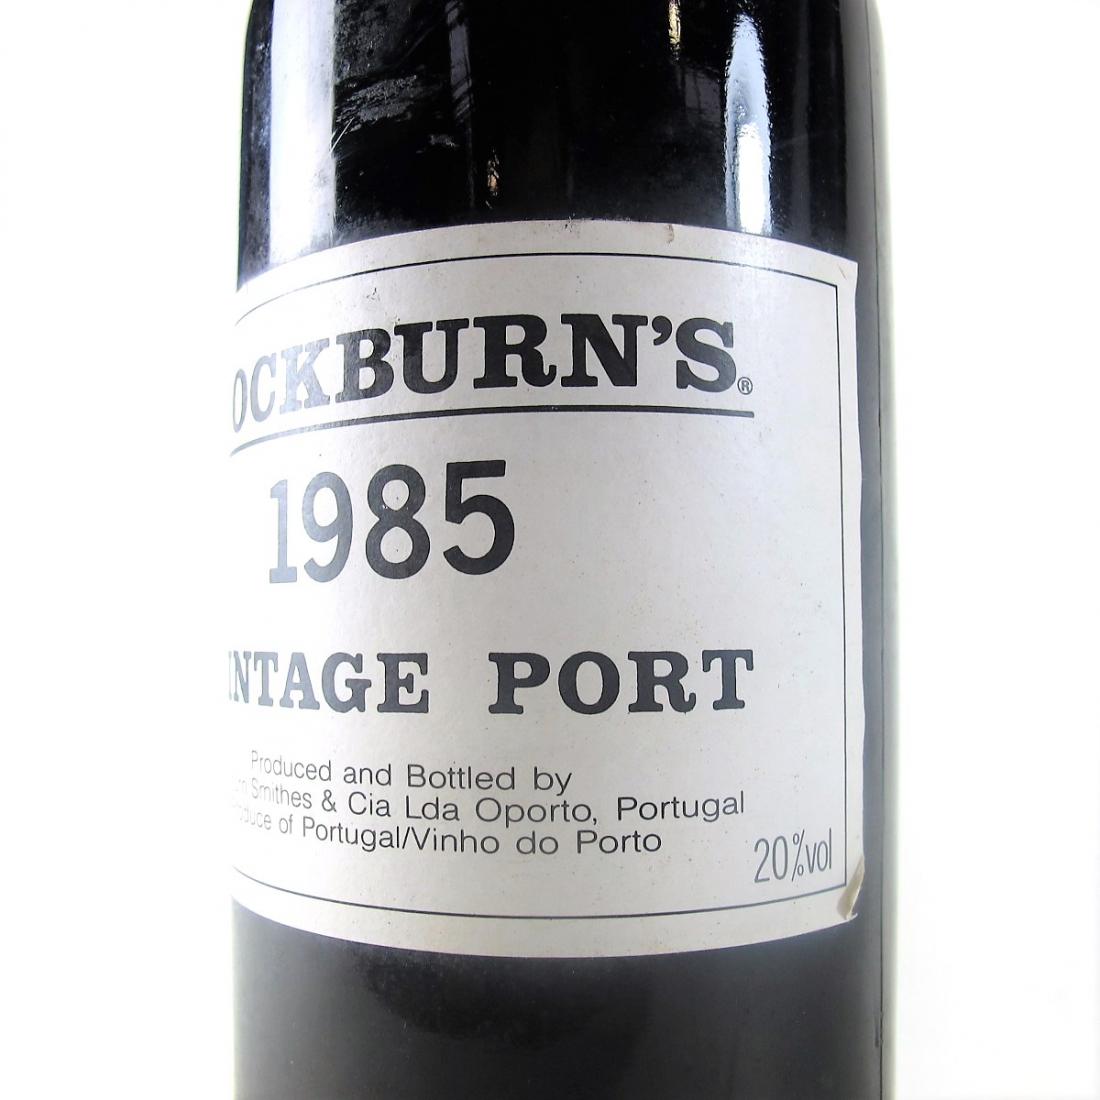 Cockburn's 1985 Vintage Port